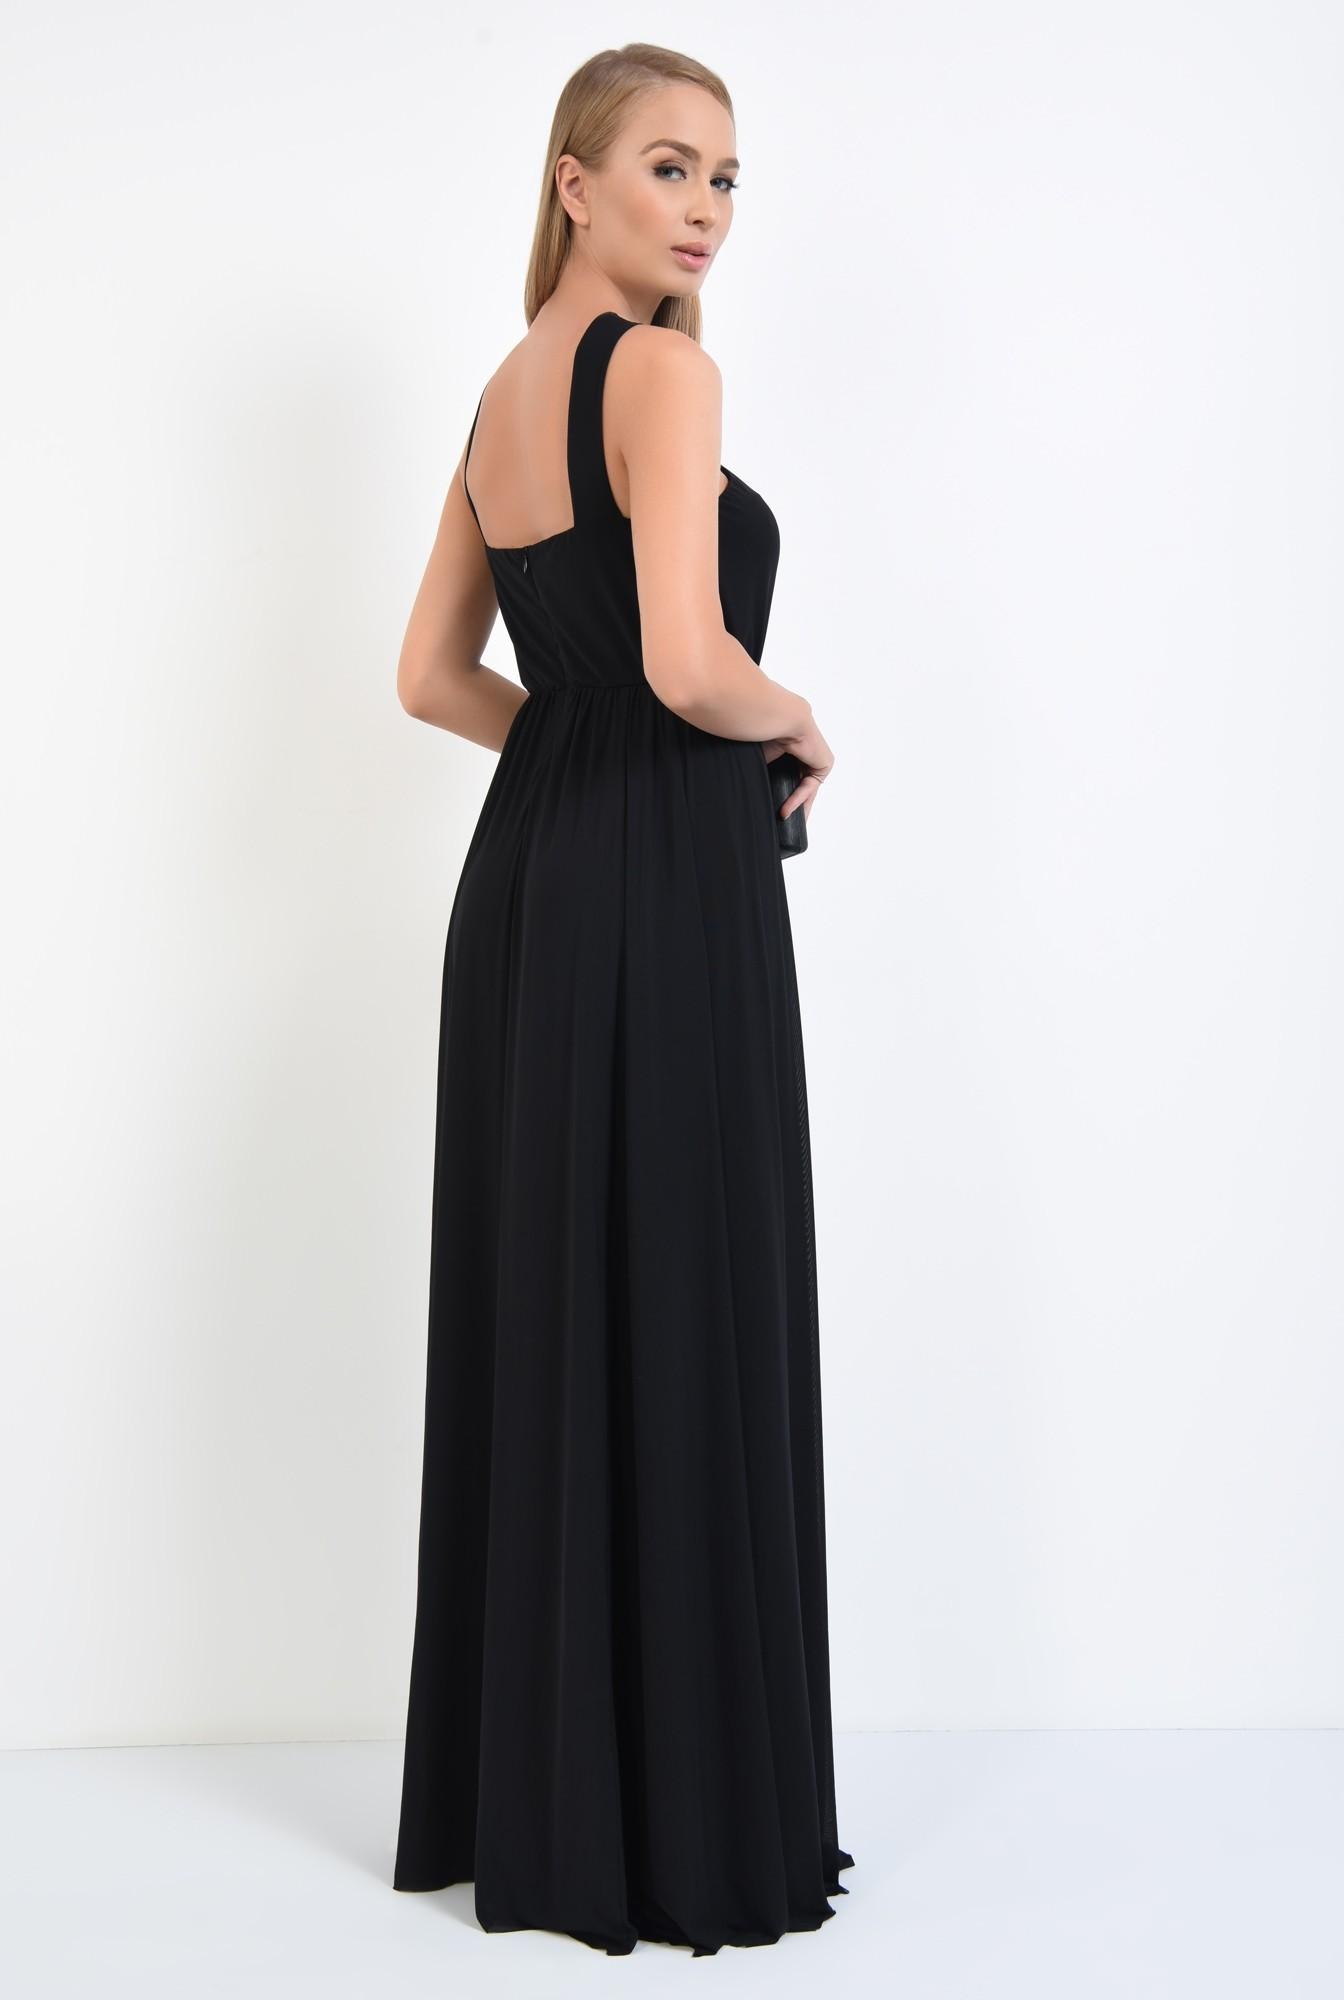 1 - rochie de ocazie cu bretele, catarama argintie, croi evazat, rochii online